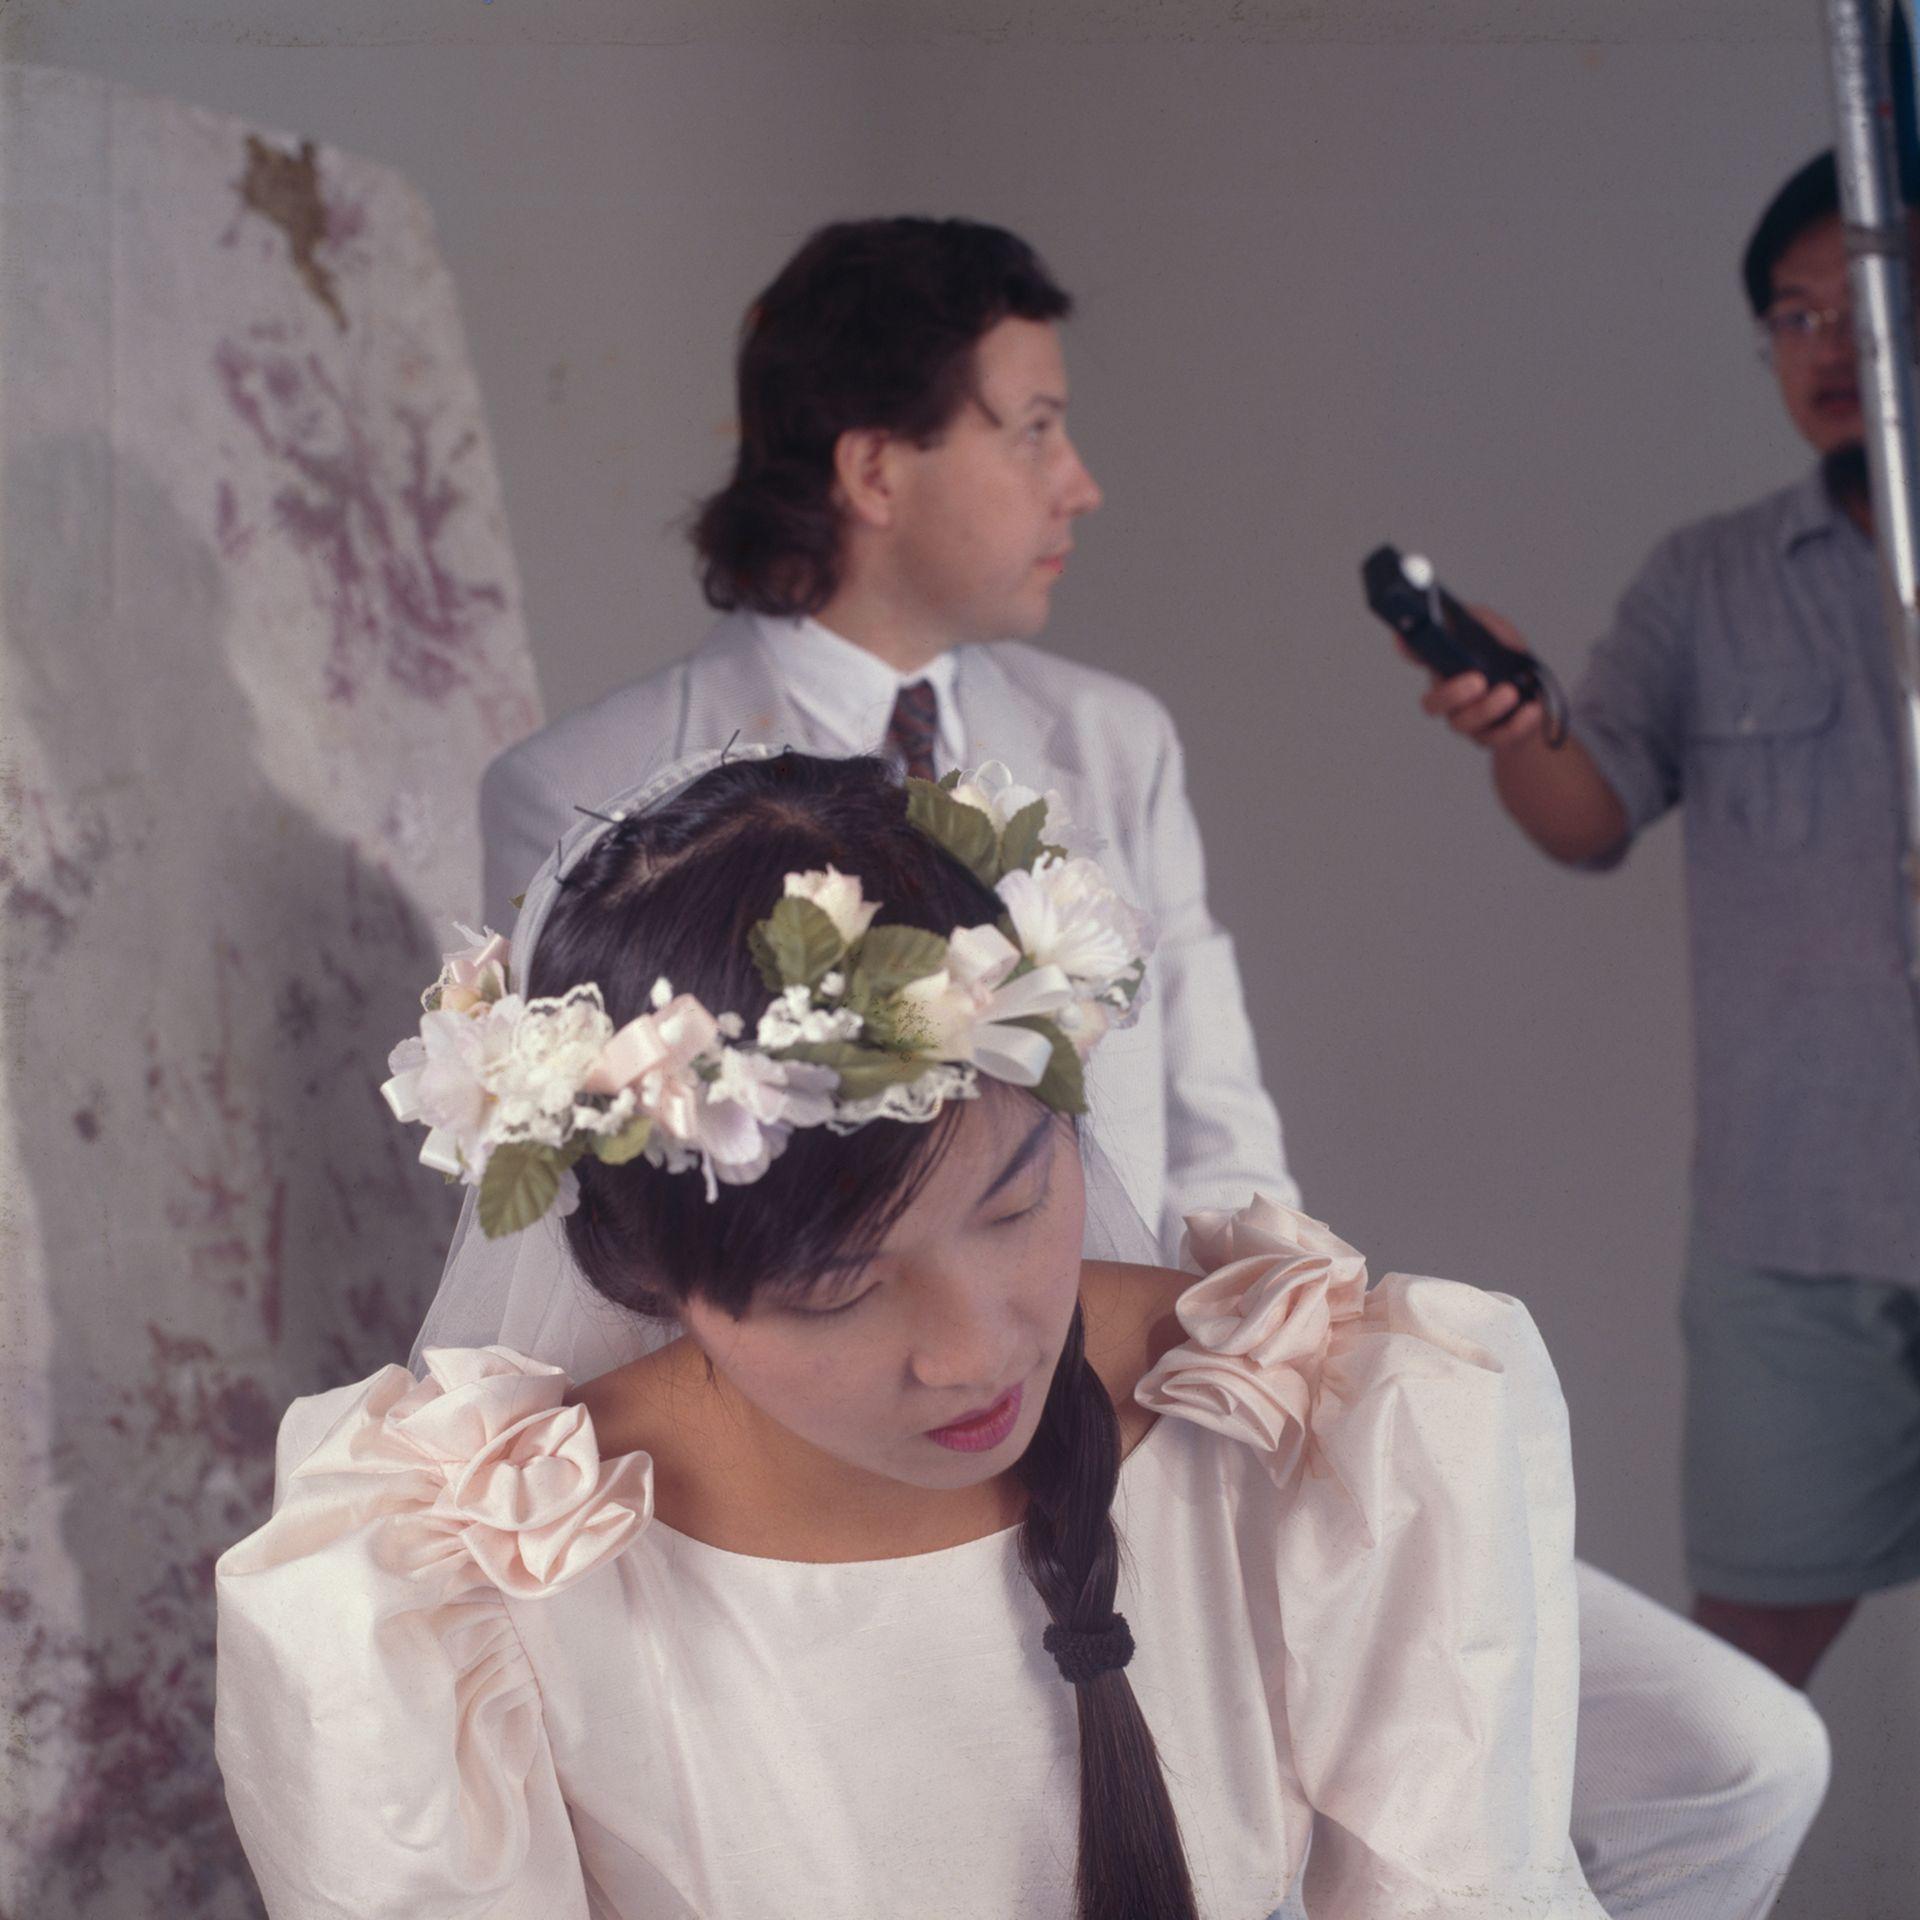 Annie's Wedding Photo, 1990's